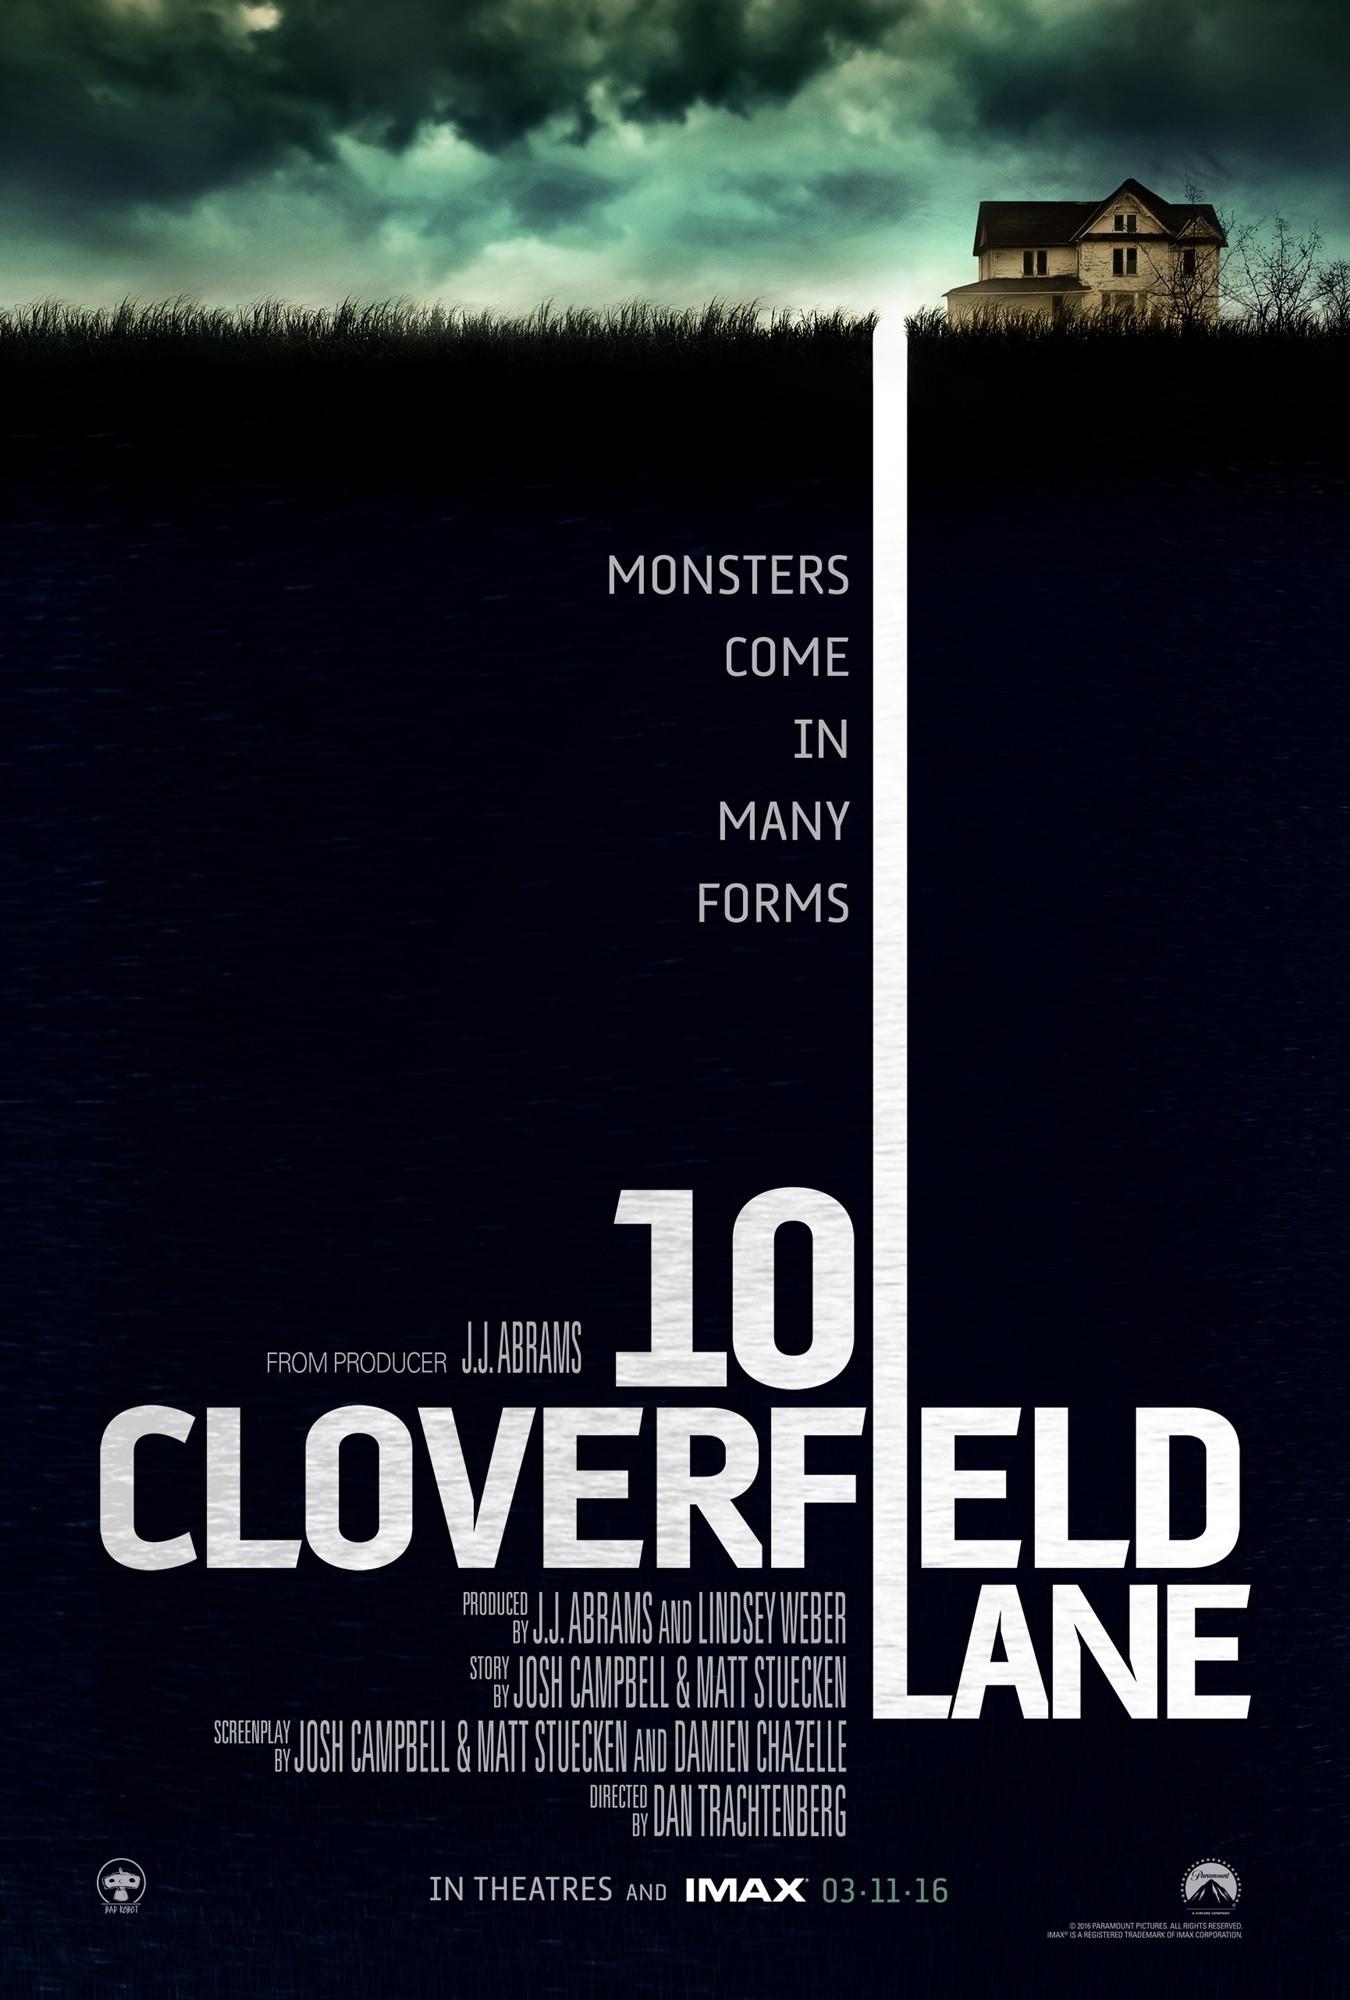 ten-cloverfield-lane-poster01.jpg